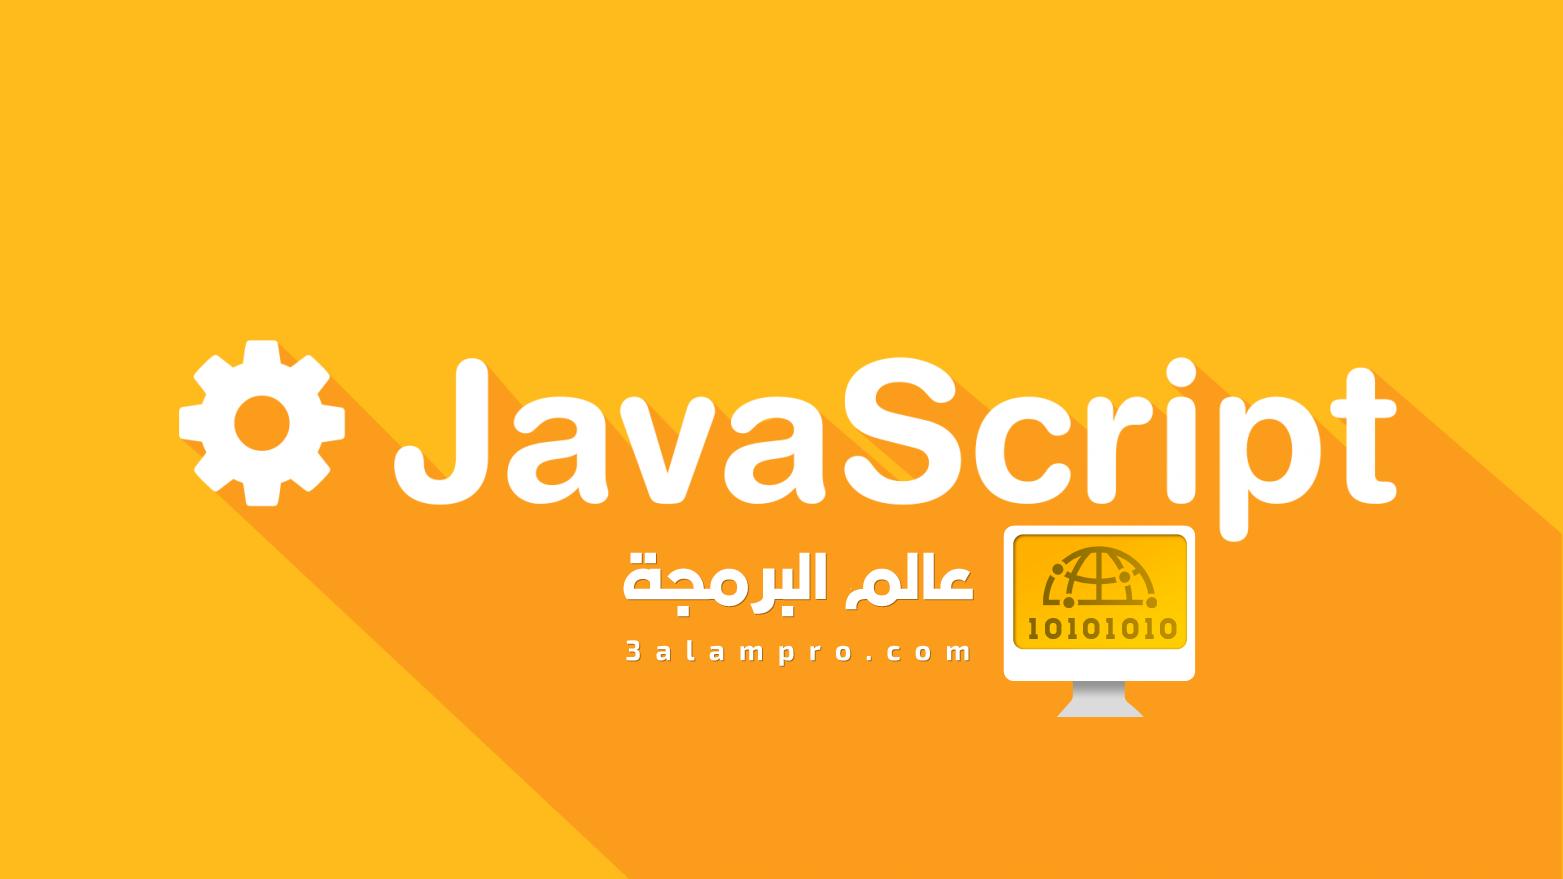 مقدمة في JavaScript: الدرس الثاني حلقات التكرار